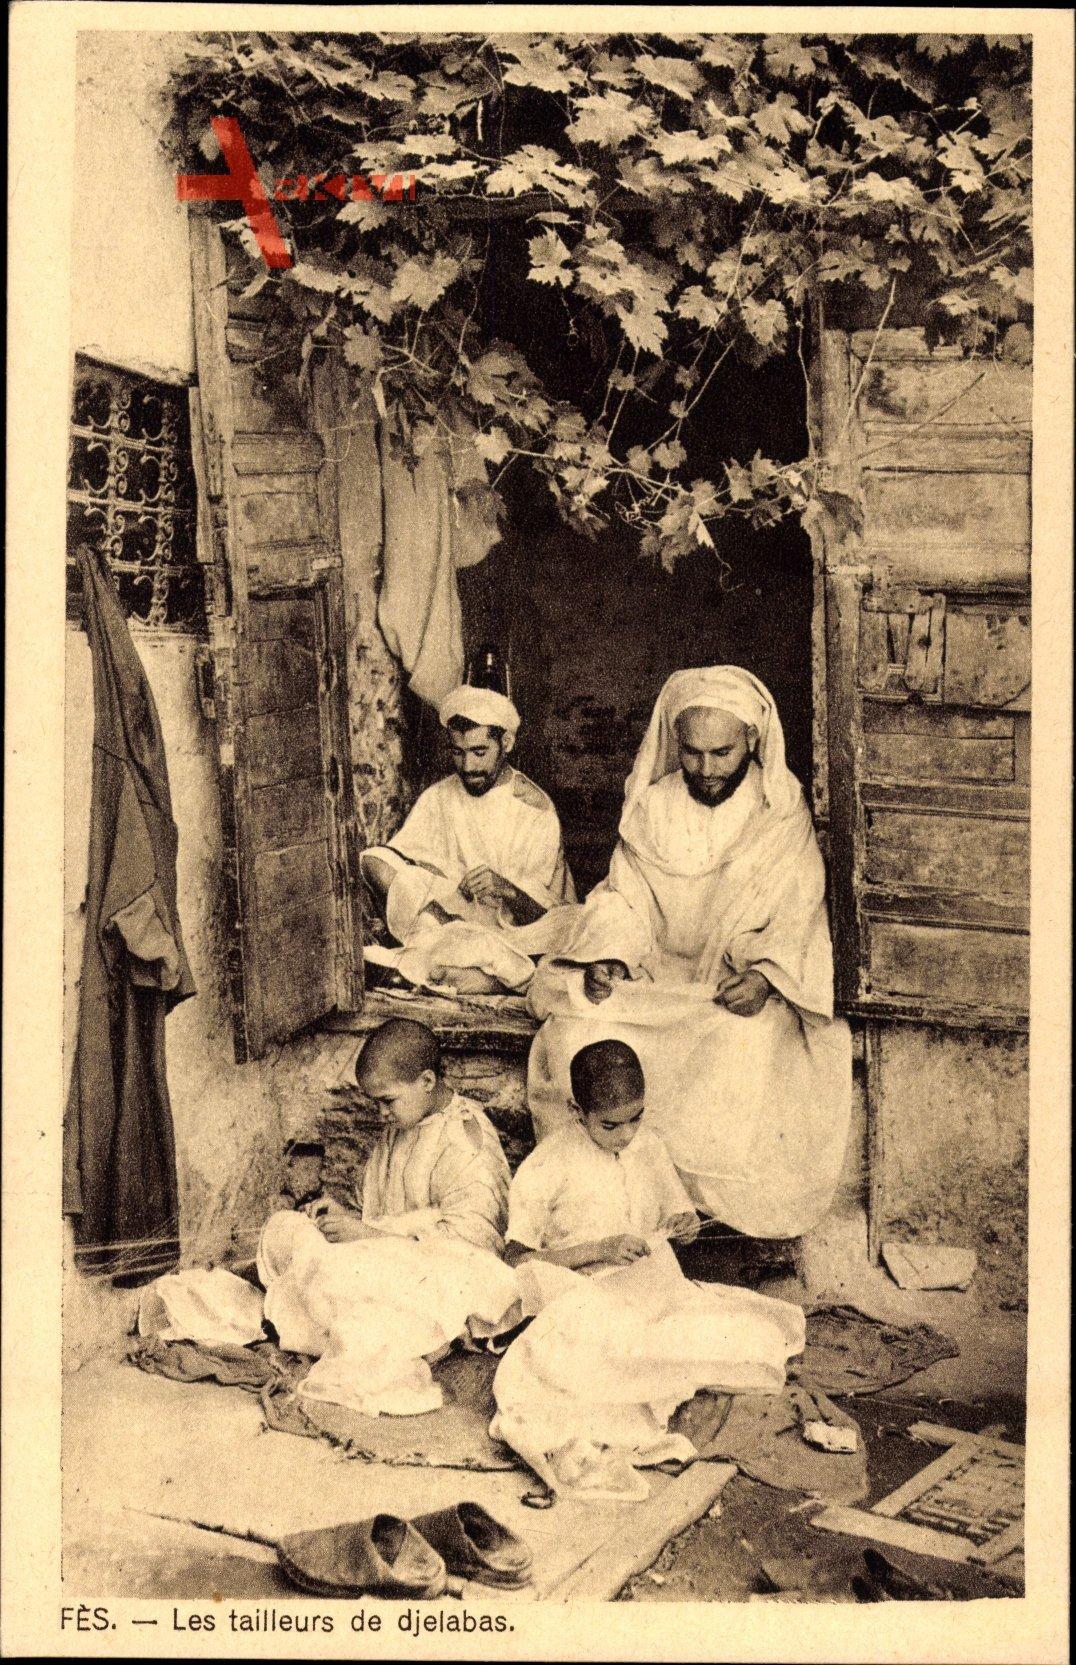 Fès Fez Marokko, Les tailleurs de djelabas, Schneider bei der Arbeit